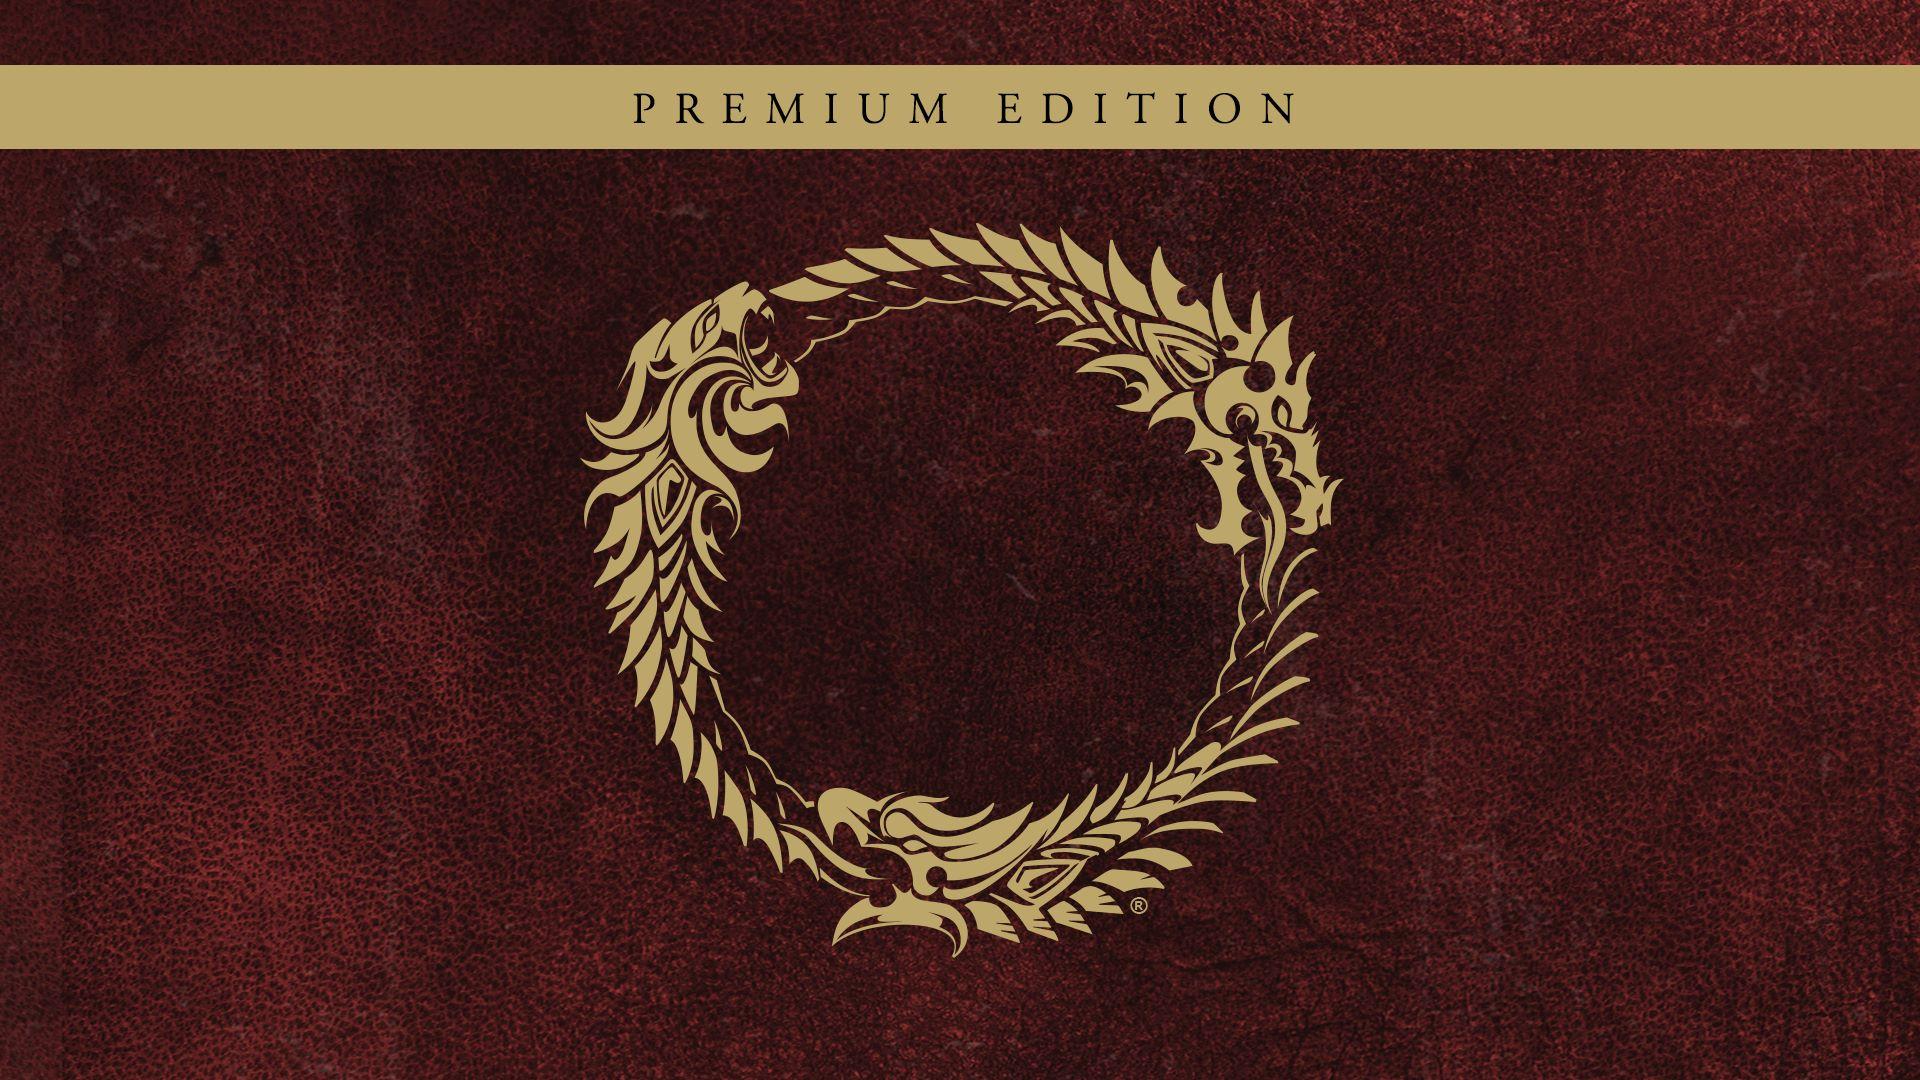 The Elder Scrolls Online: Tamriel Unlimited Premium Edition